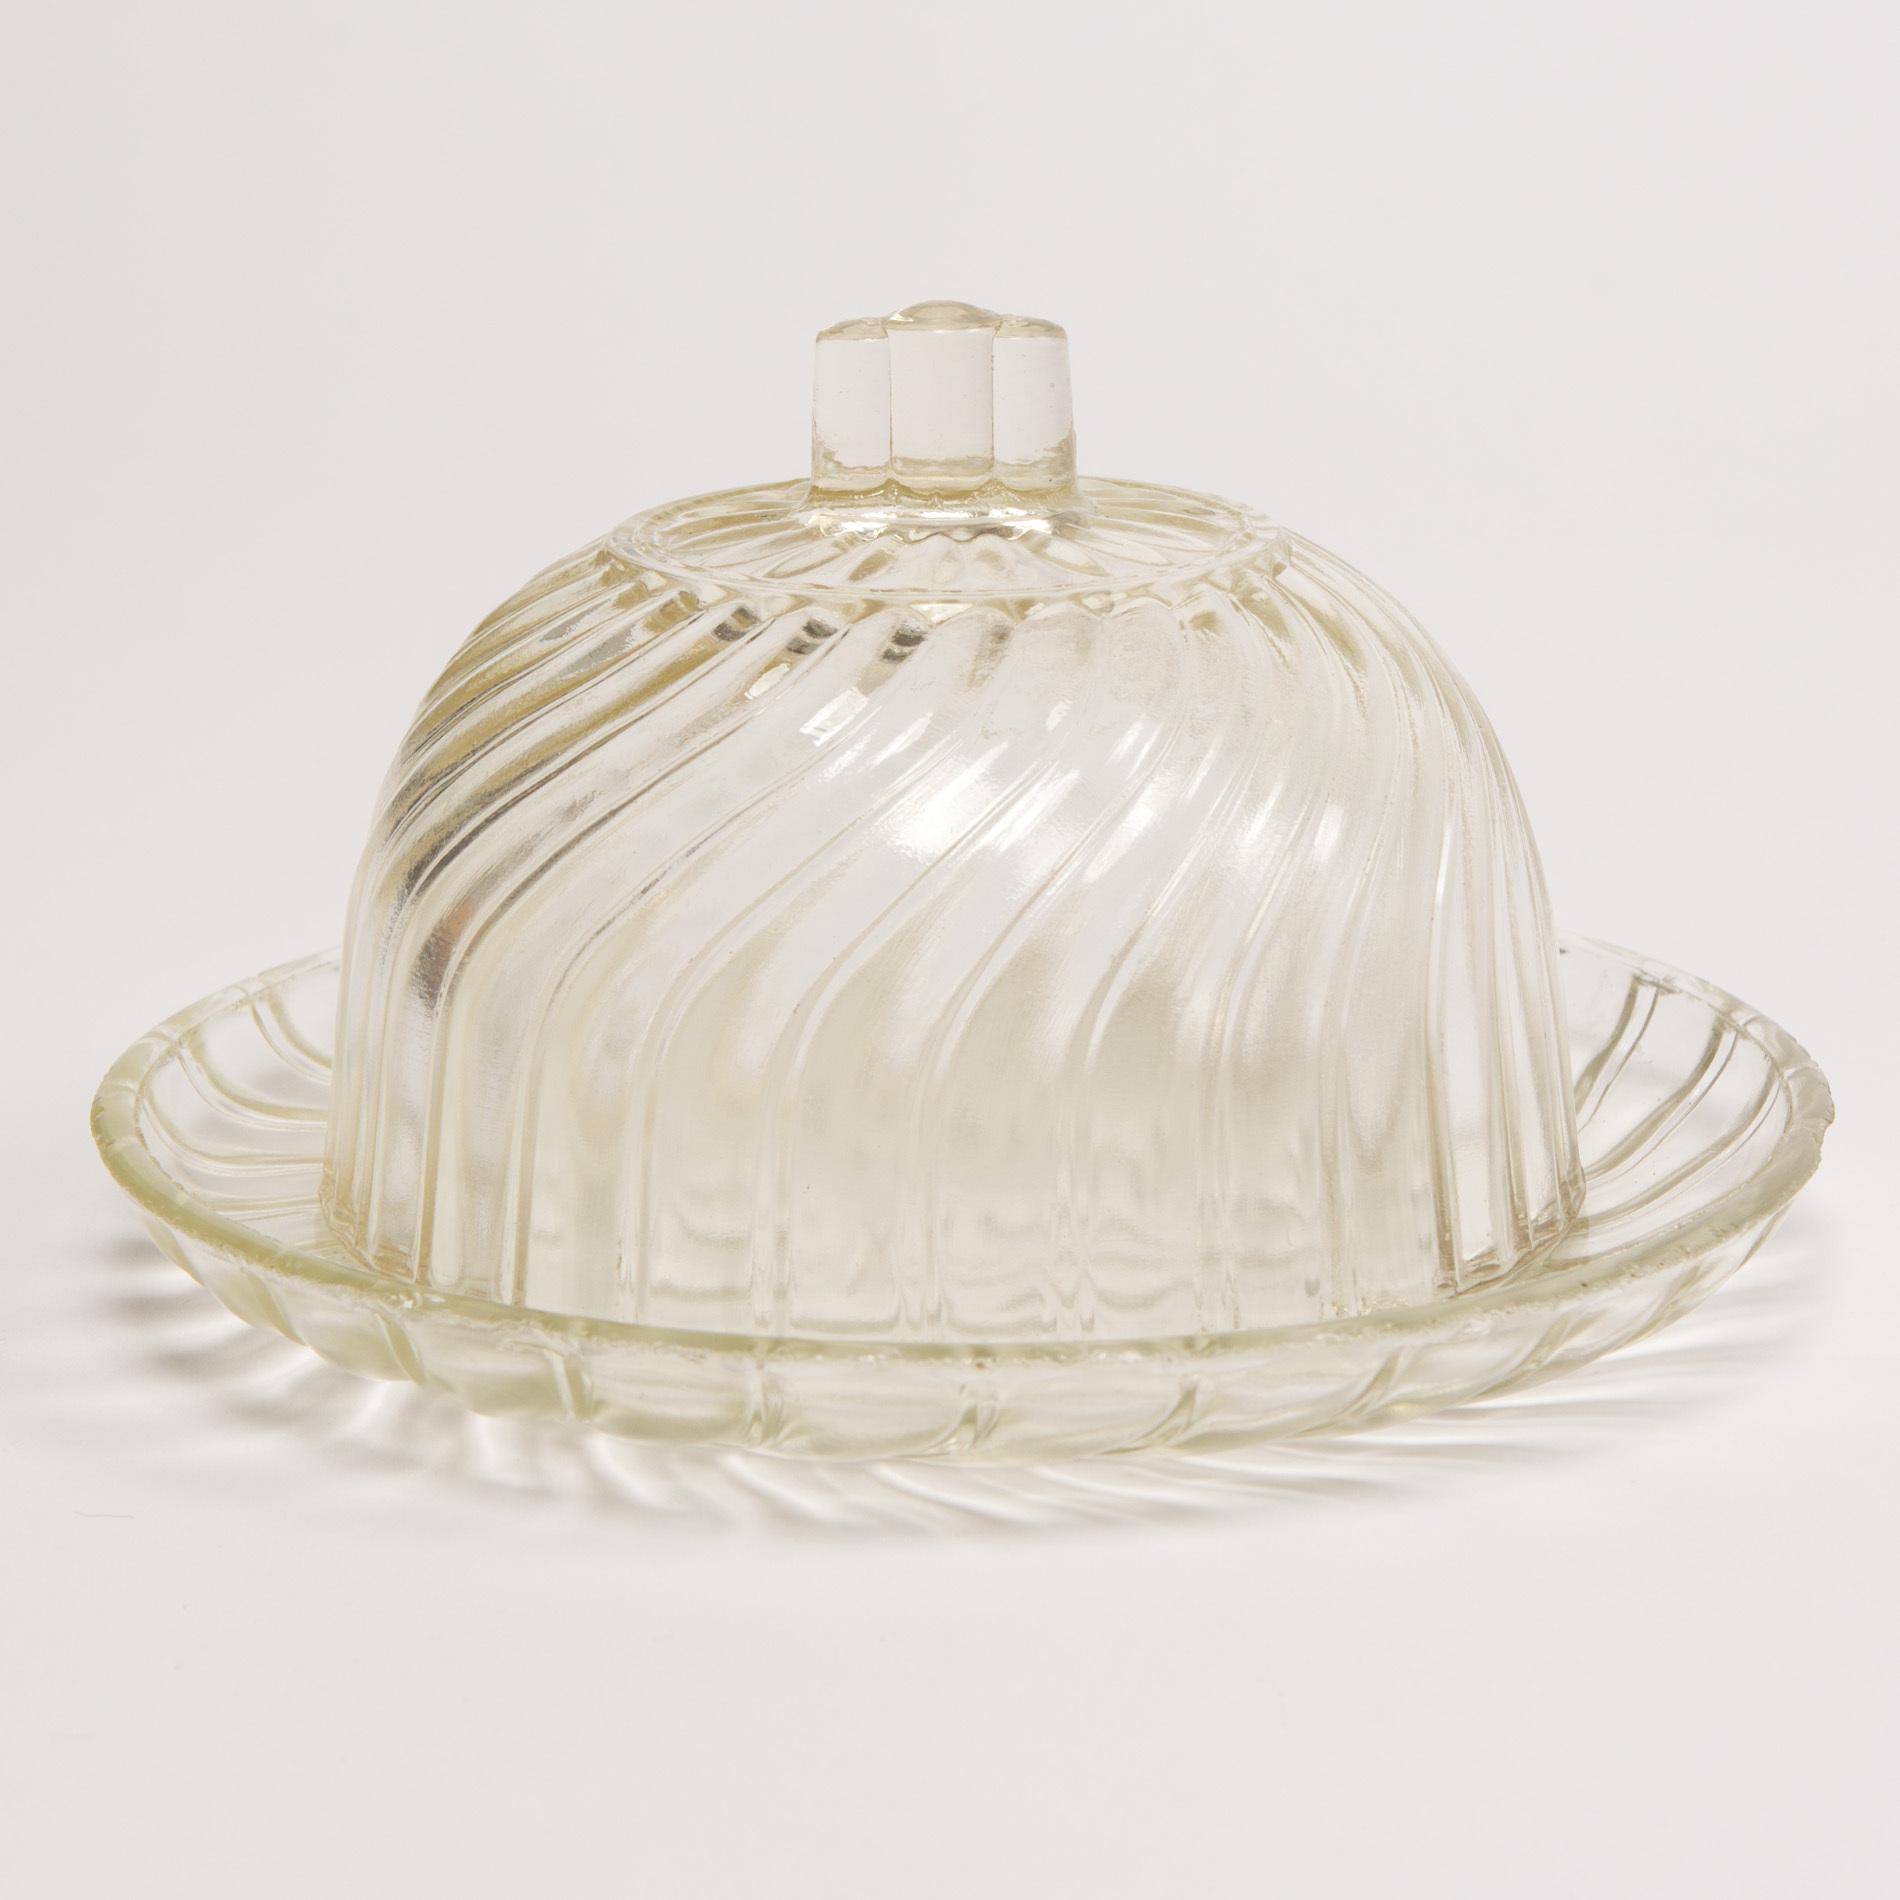 Glass Cheese Dish00001